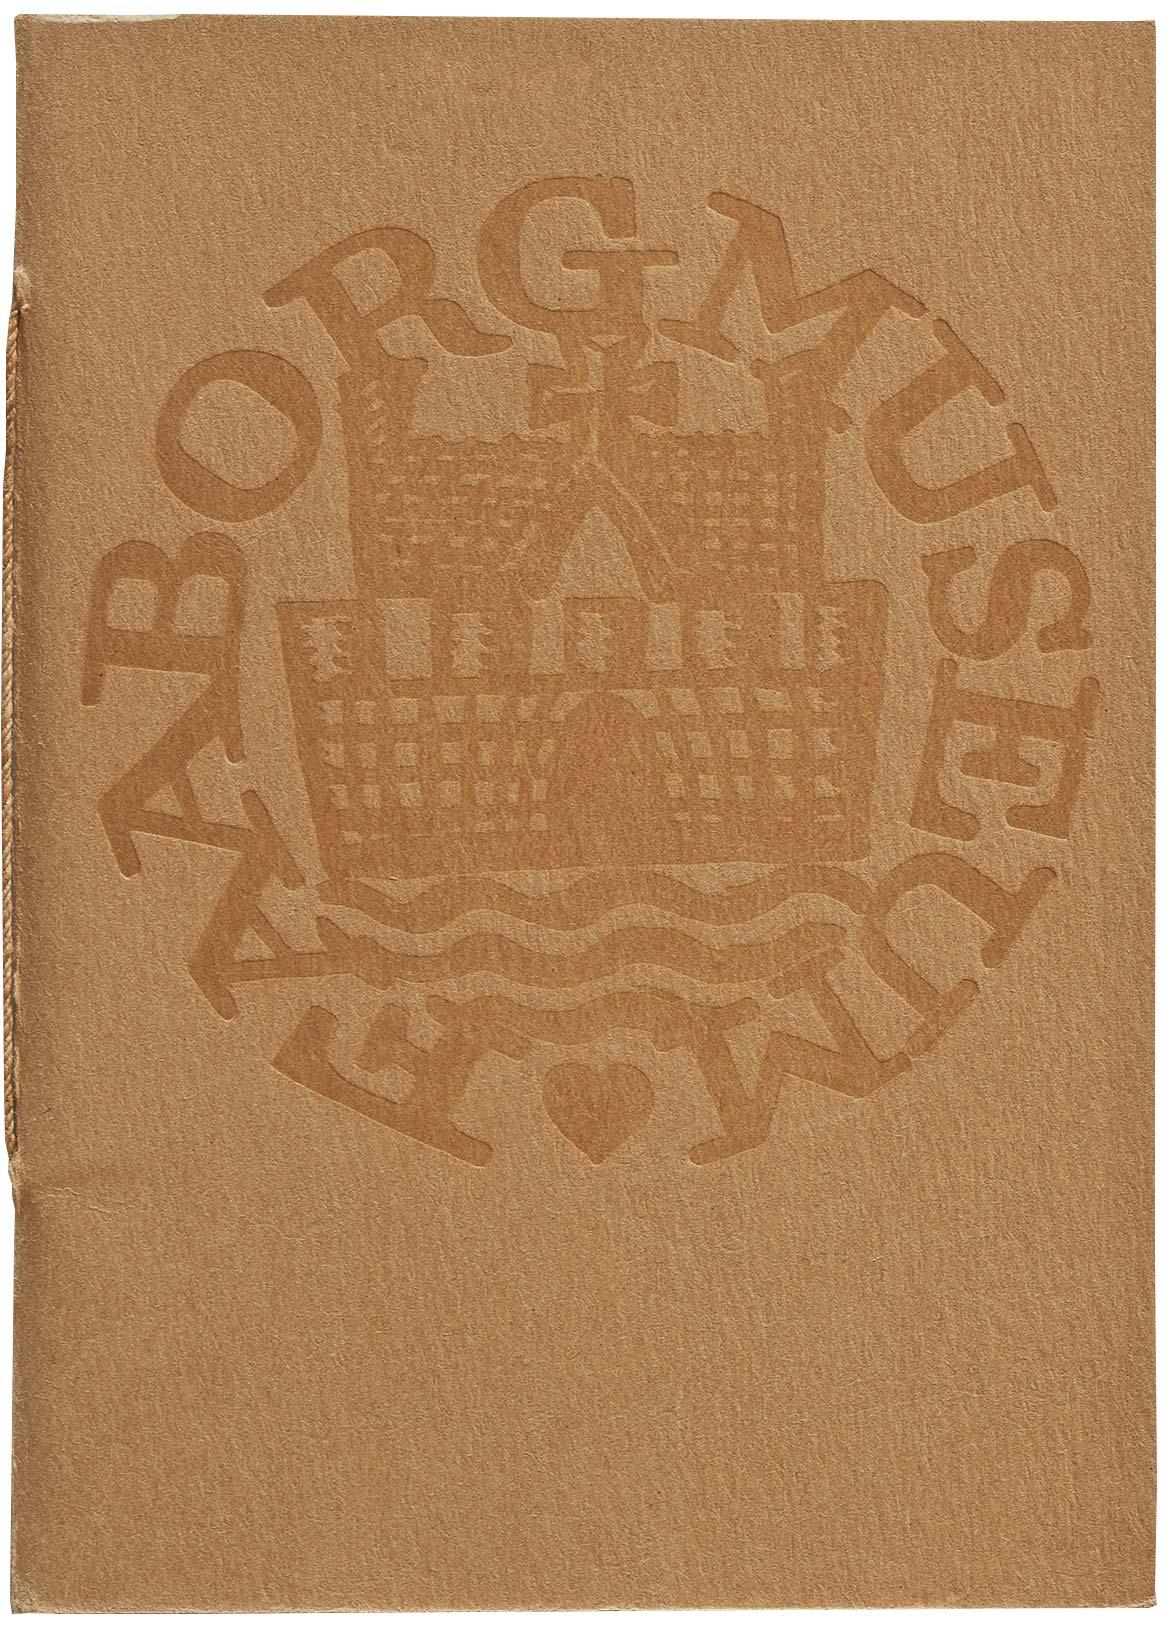 Faaborg Museums bomærke på Katalogforside til Knud V. Engelhardts 1.udgave af museets håndkatalog, 1916.